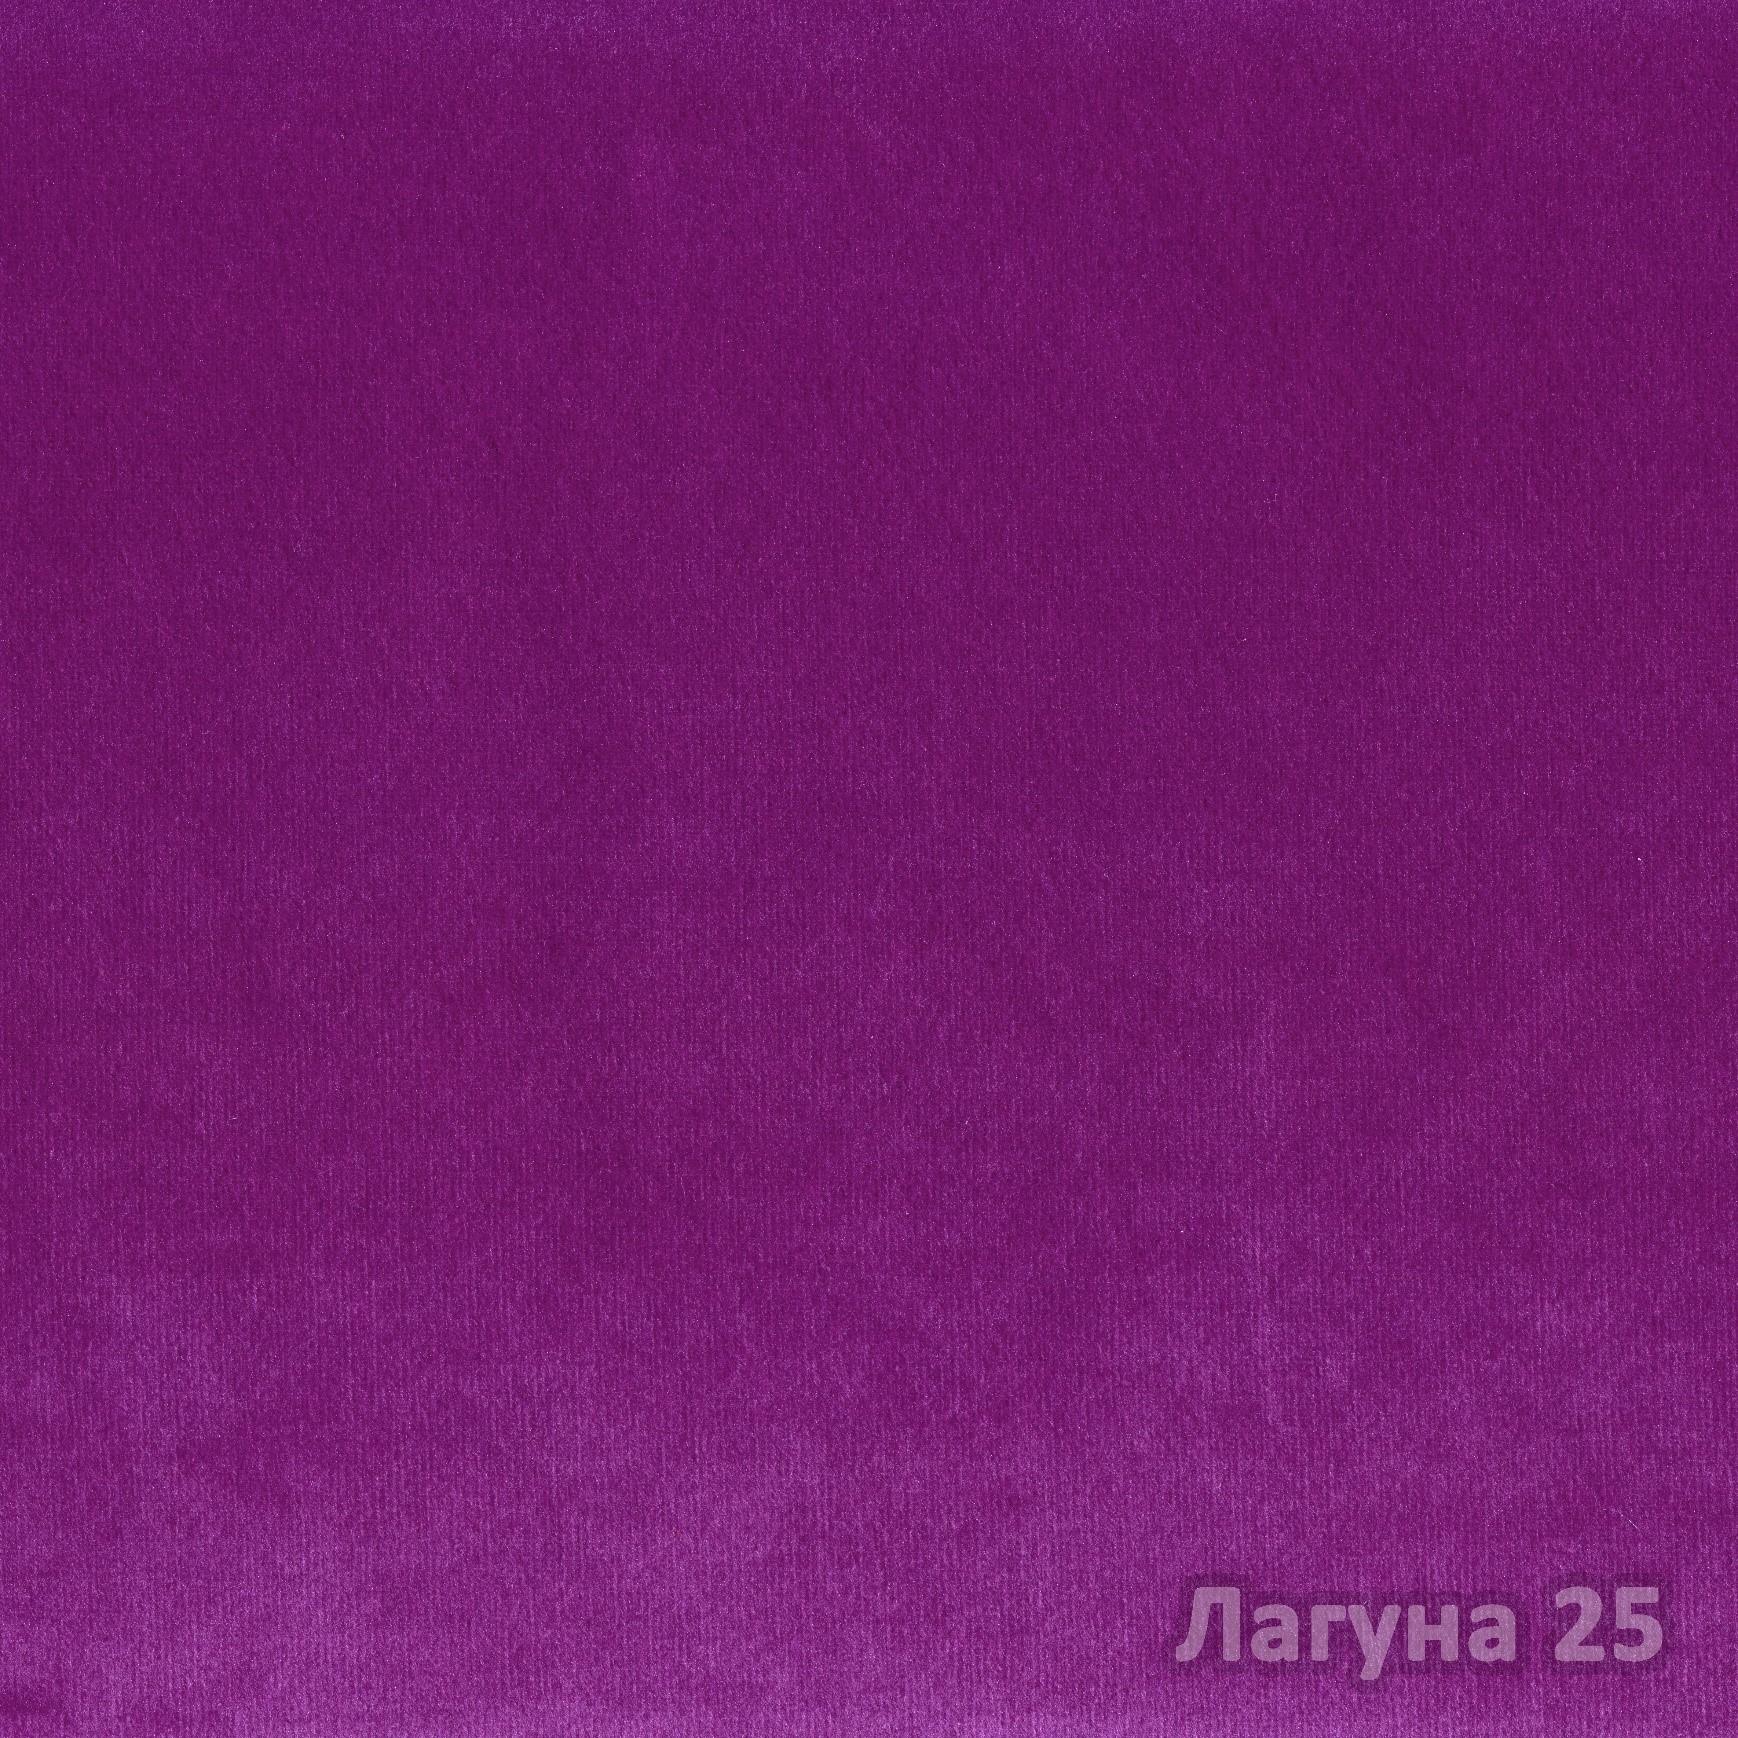 Коллекция ткани Лагуна 25,  купить ткань Велюр для мебели Украина